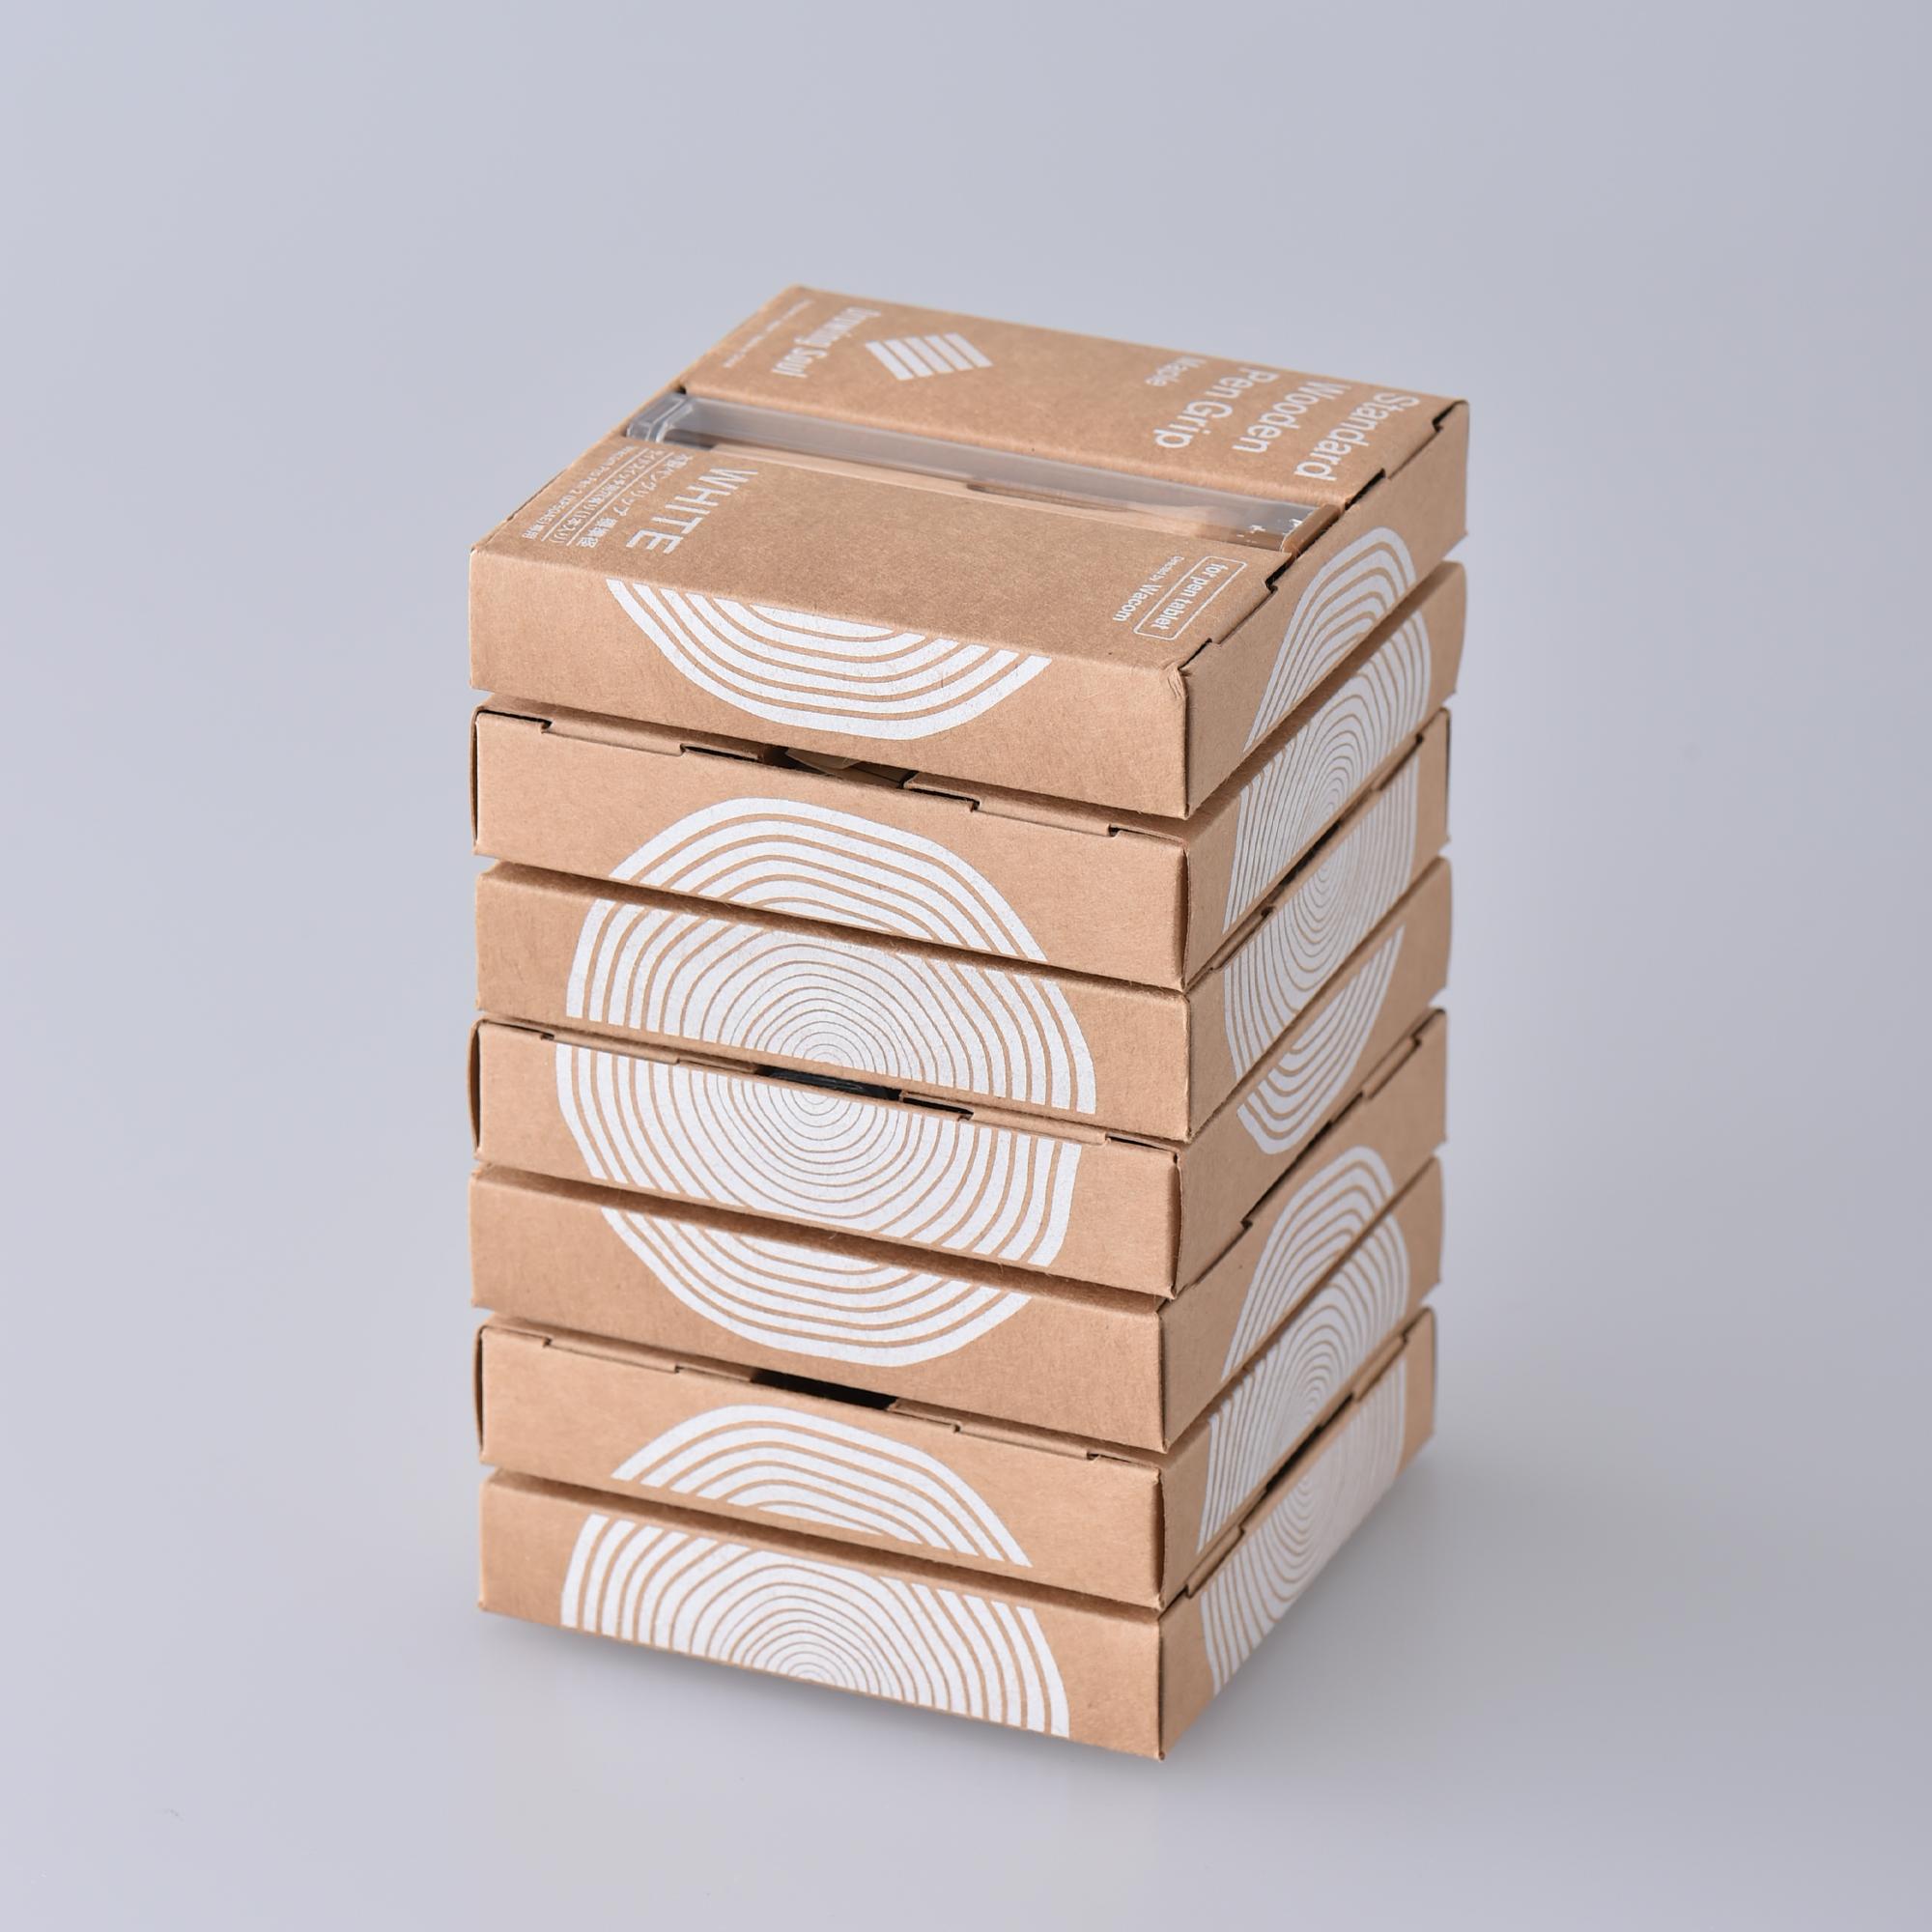 Wacom ペンタブレットグリップ パッケージデザイン